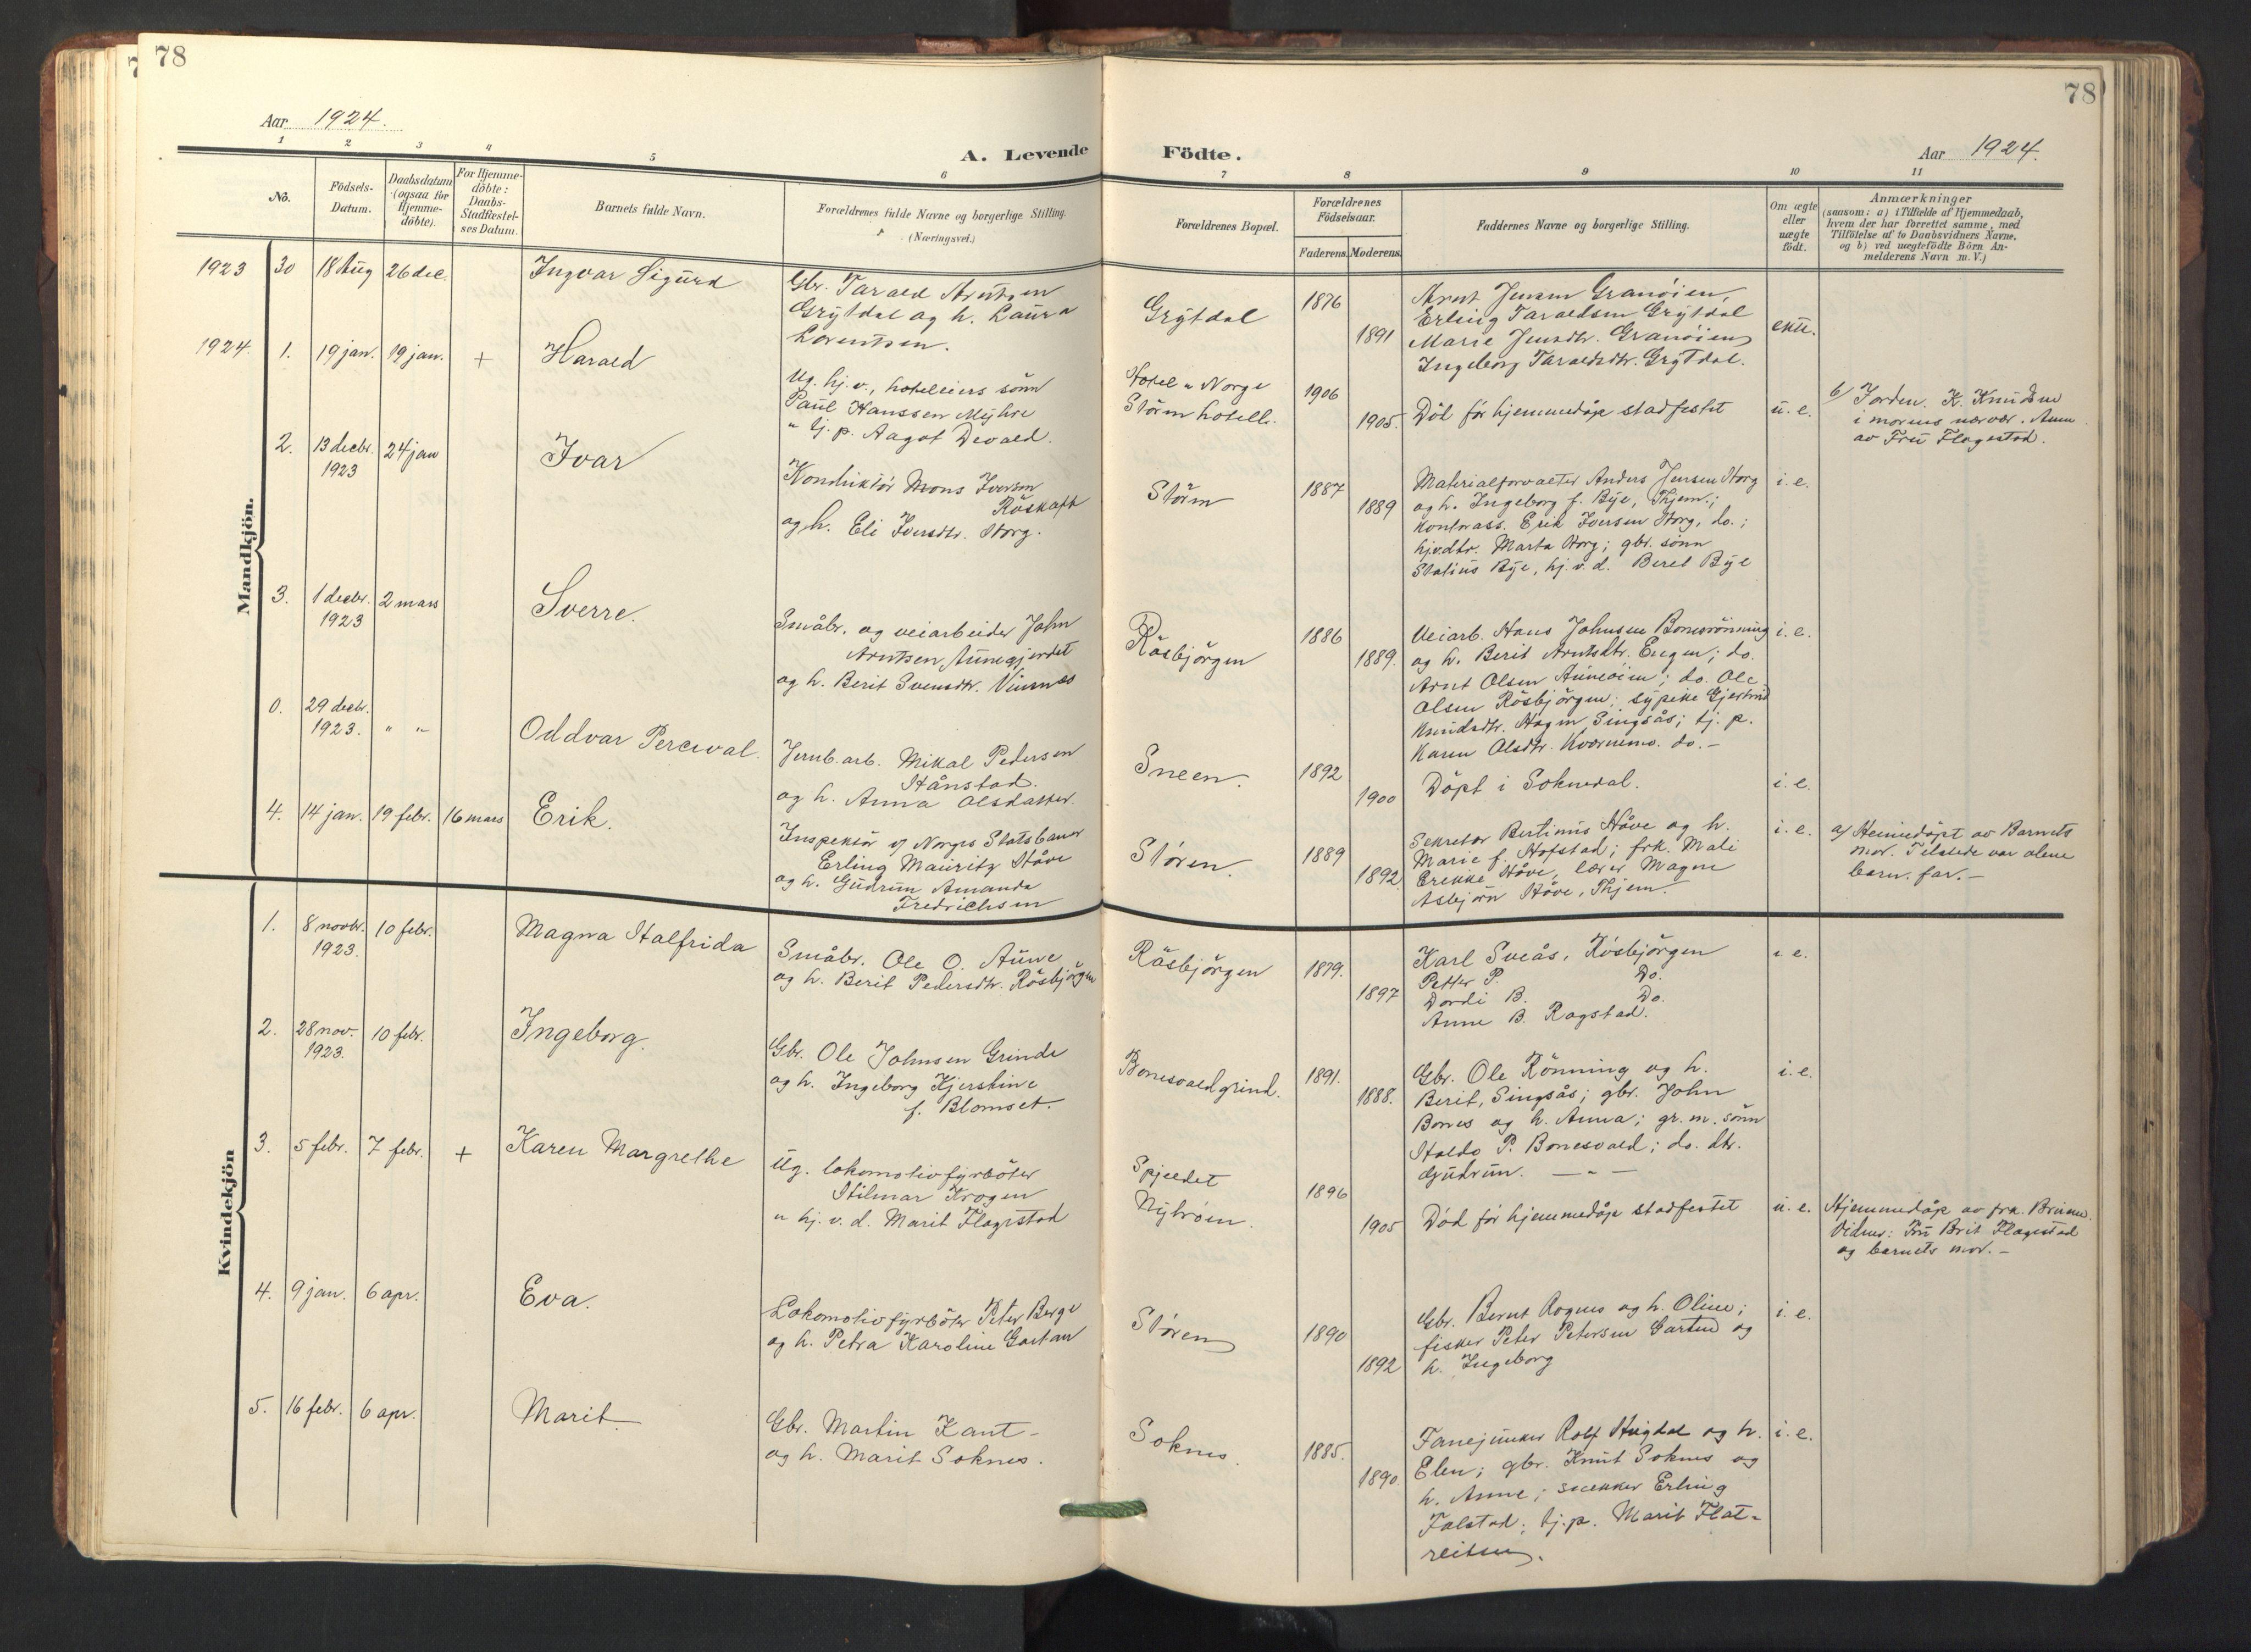 SAT, Ministerialprotokoller, klokkerbøker og fødselsregistre - Sør-Trøndelag, 687/L1019: Klokkerbok nr. 687C03, 1904-1931, s. 78